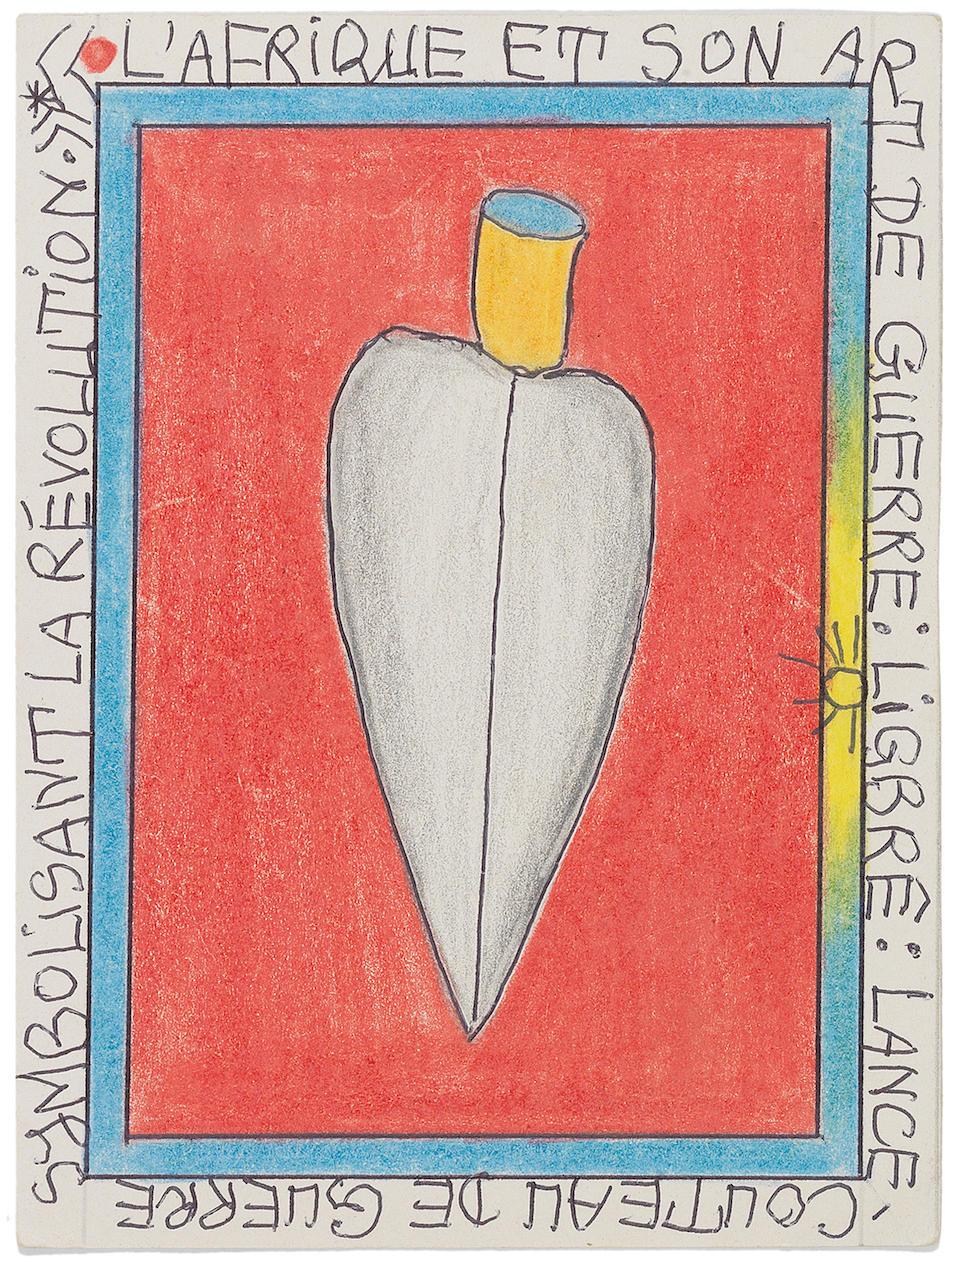 Frédéric Bruly Bouabré (Ivorian, born 1921) Eight drawings 15 x 10.5cm (5 7/8 x 4 1/8in) each (8) unframed